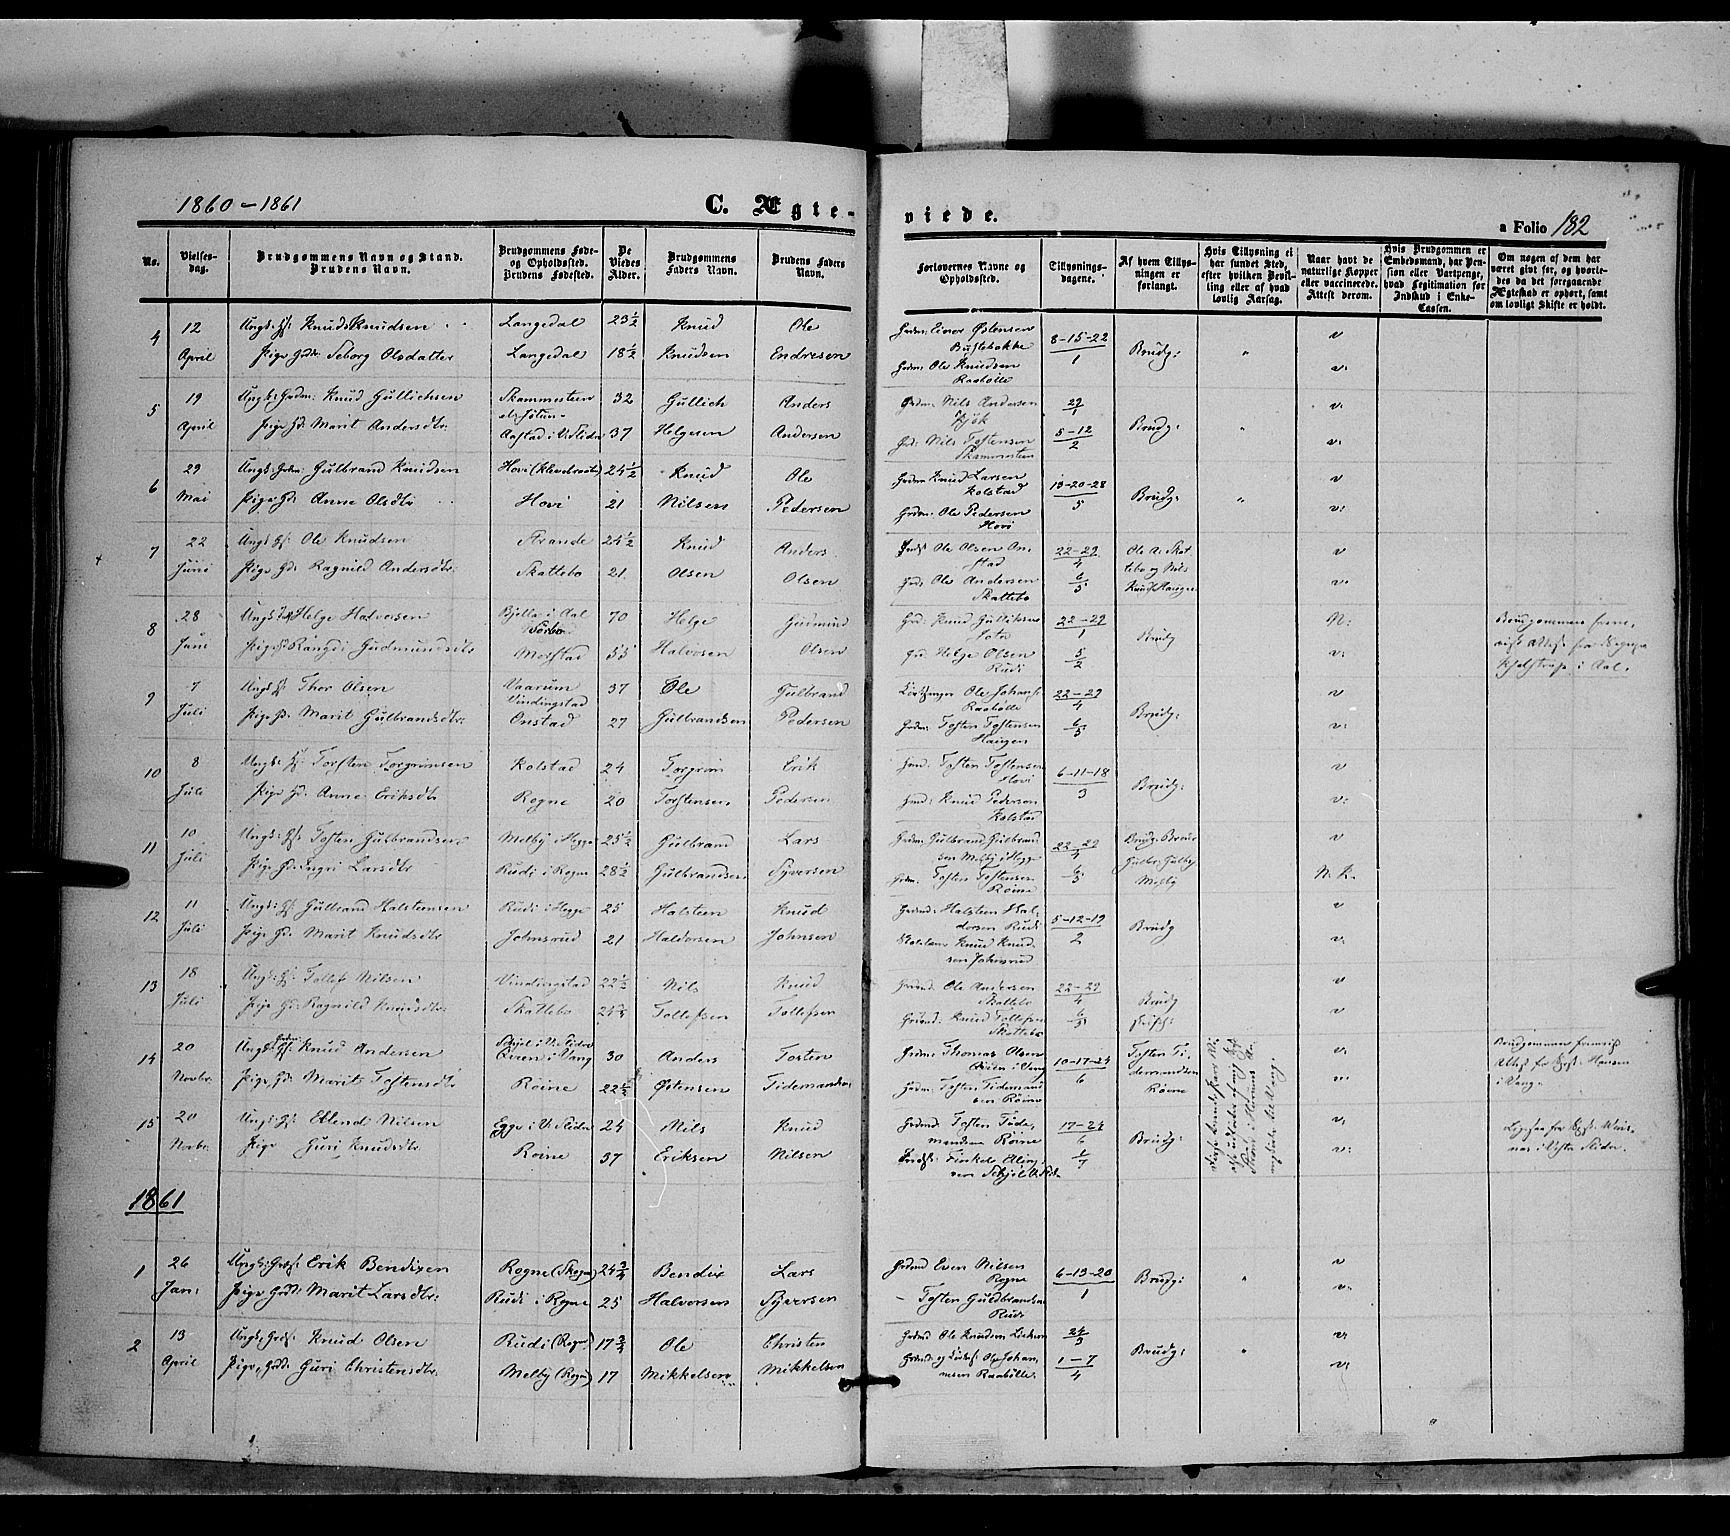 SAH, Øystre Slidre prestekontor, Ministerialbok nr. 1, 1849-1874, s. 182